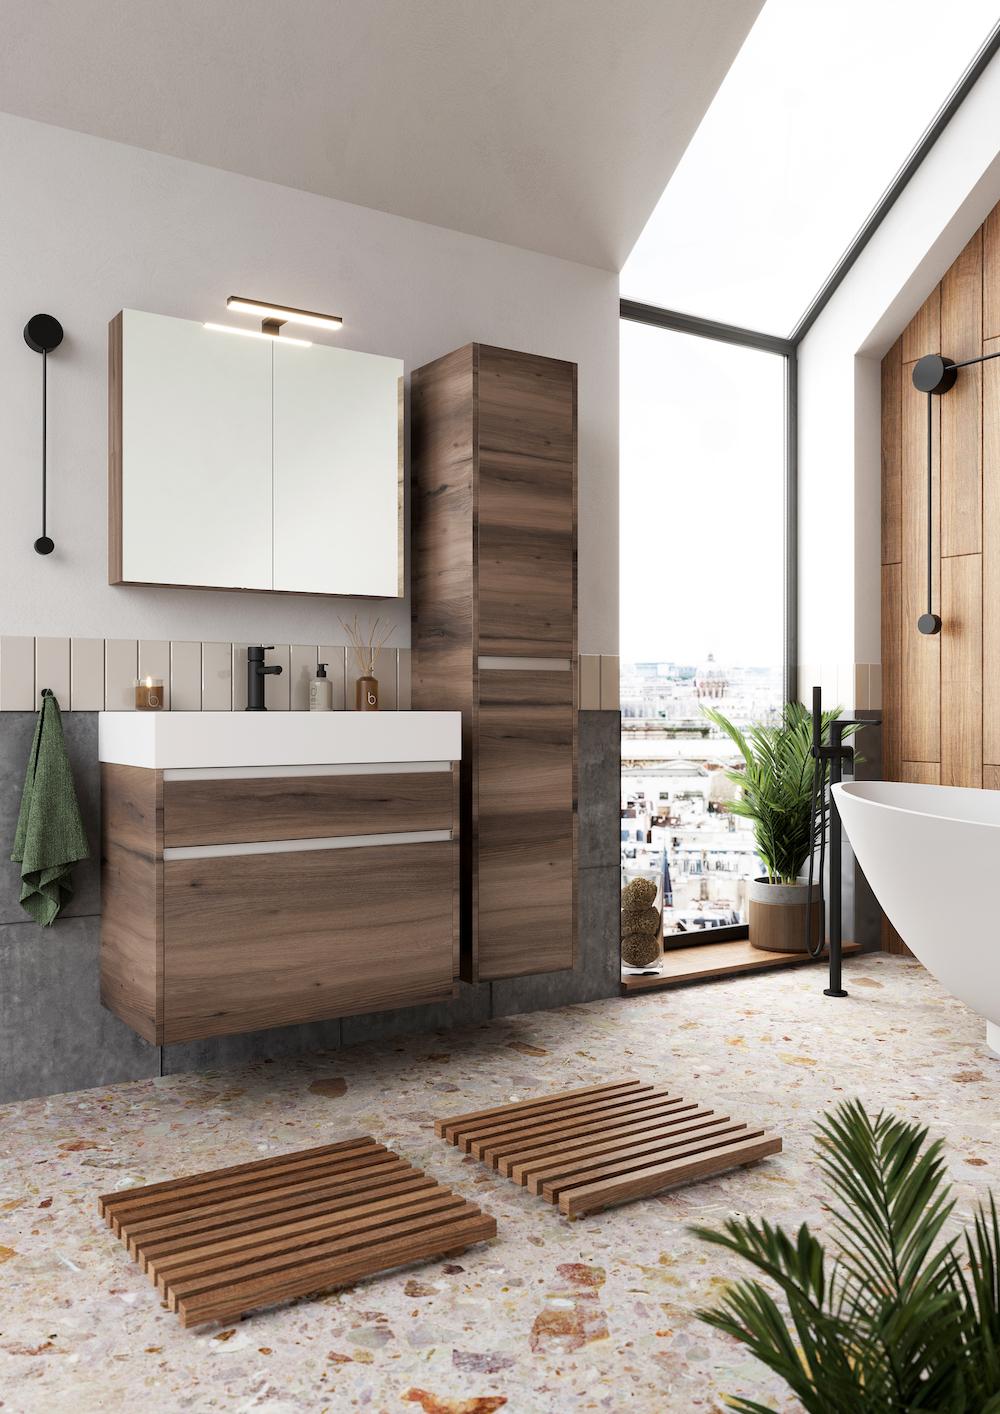 Duurzame en groene badkamer. mijn bad in stijl #badkamer #duurzaam #hout #badkamermeubel #badkamerinspiratie #badkameridee